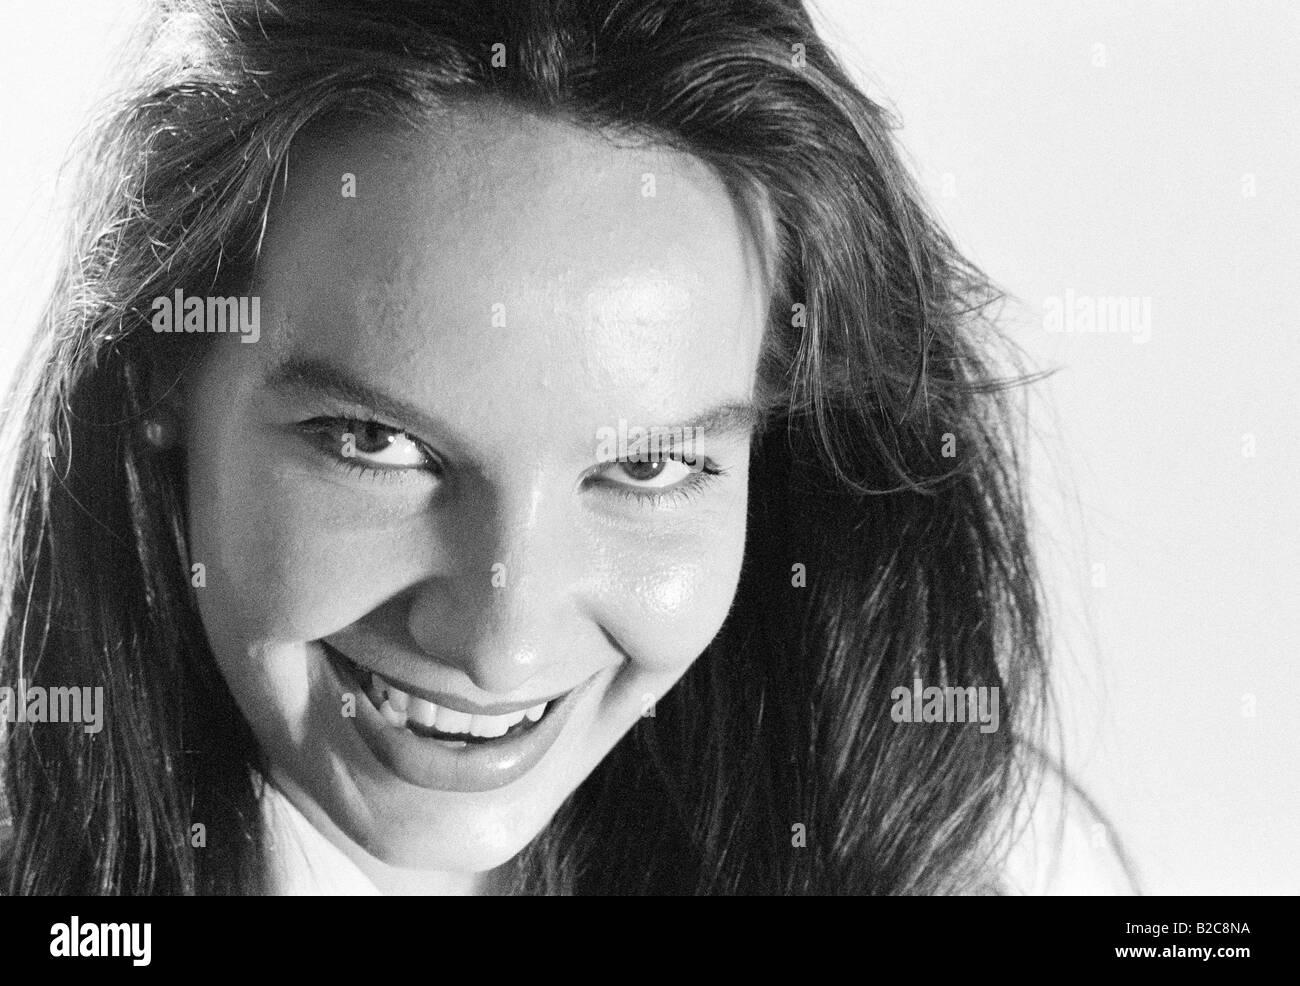 Retrato de mujer joven sonriente, mirando a la cámara. Blanco y negro. Foto de stock